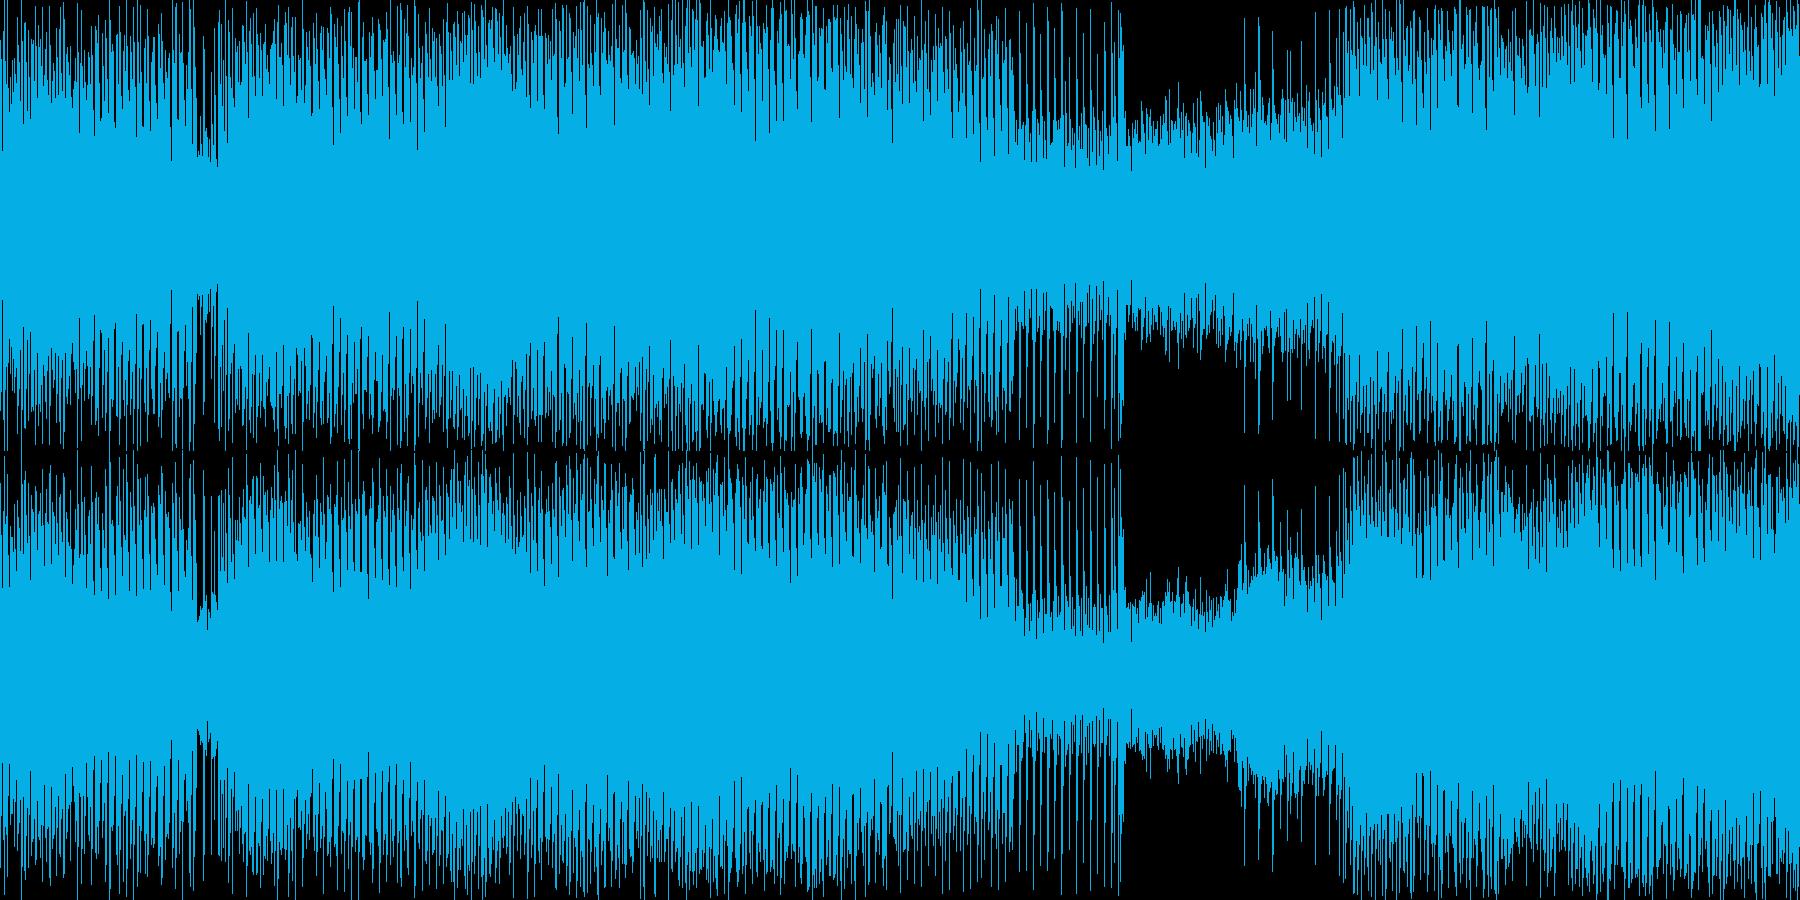 アクション場面を想定した疾走感あるテクノの再生済みの波形